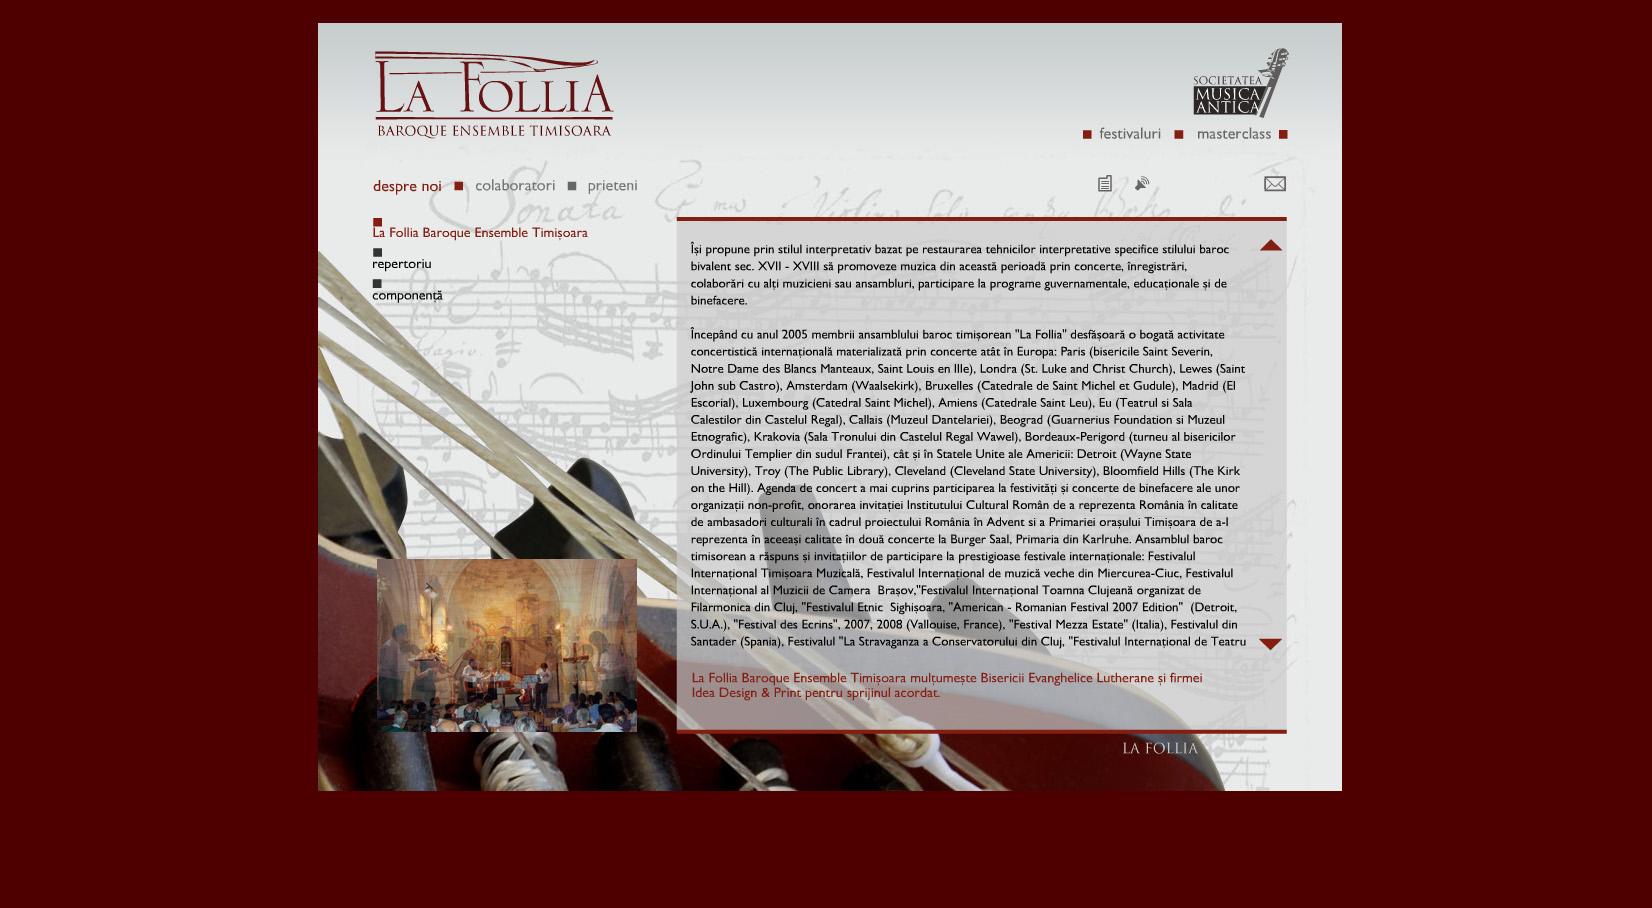 www.lafollia.ro